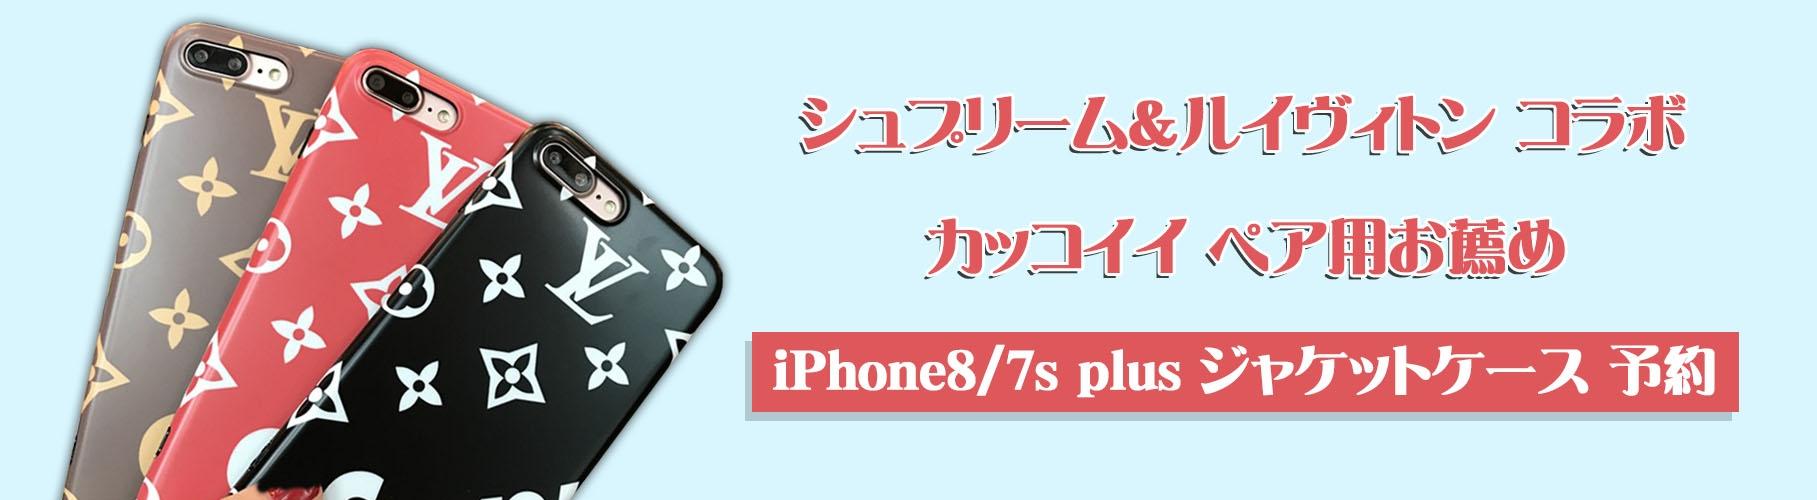 シュプリーム iphone携帯ケース ルイヴィトンコラボ